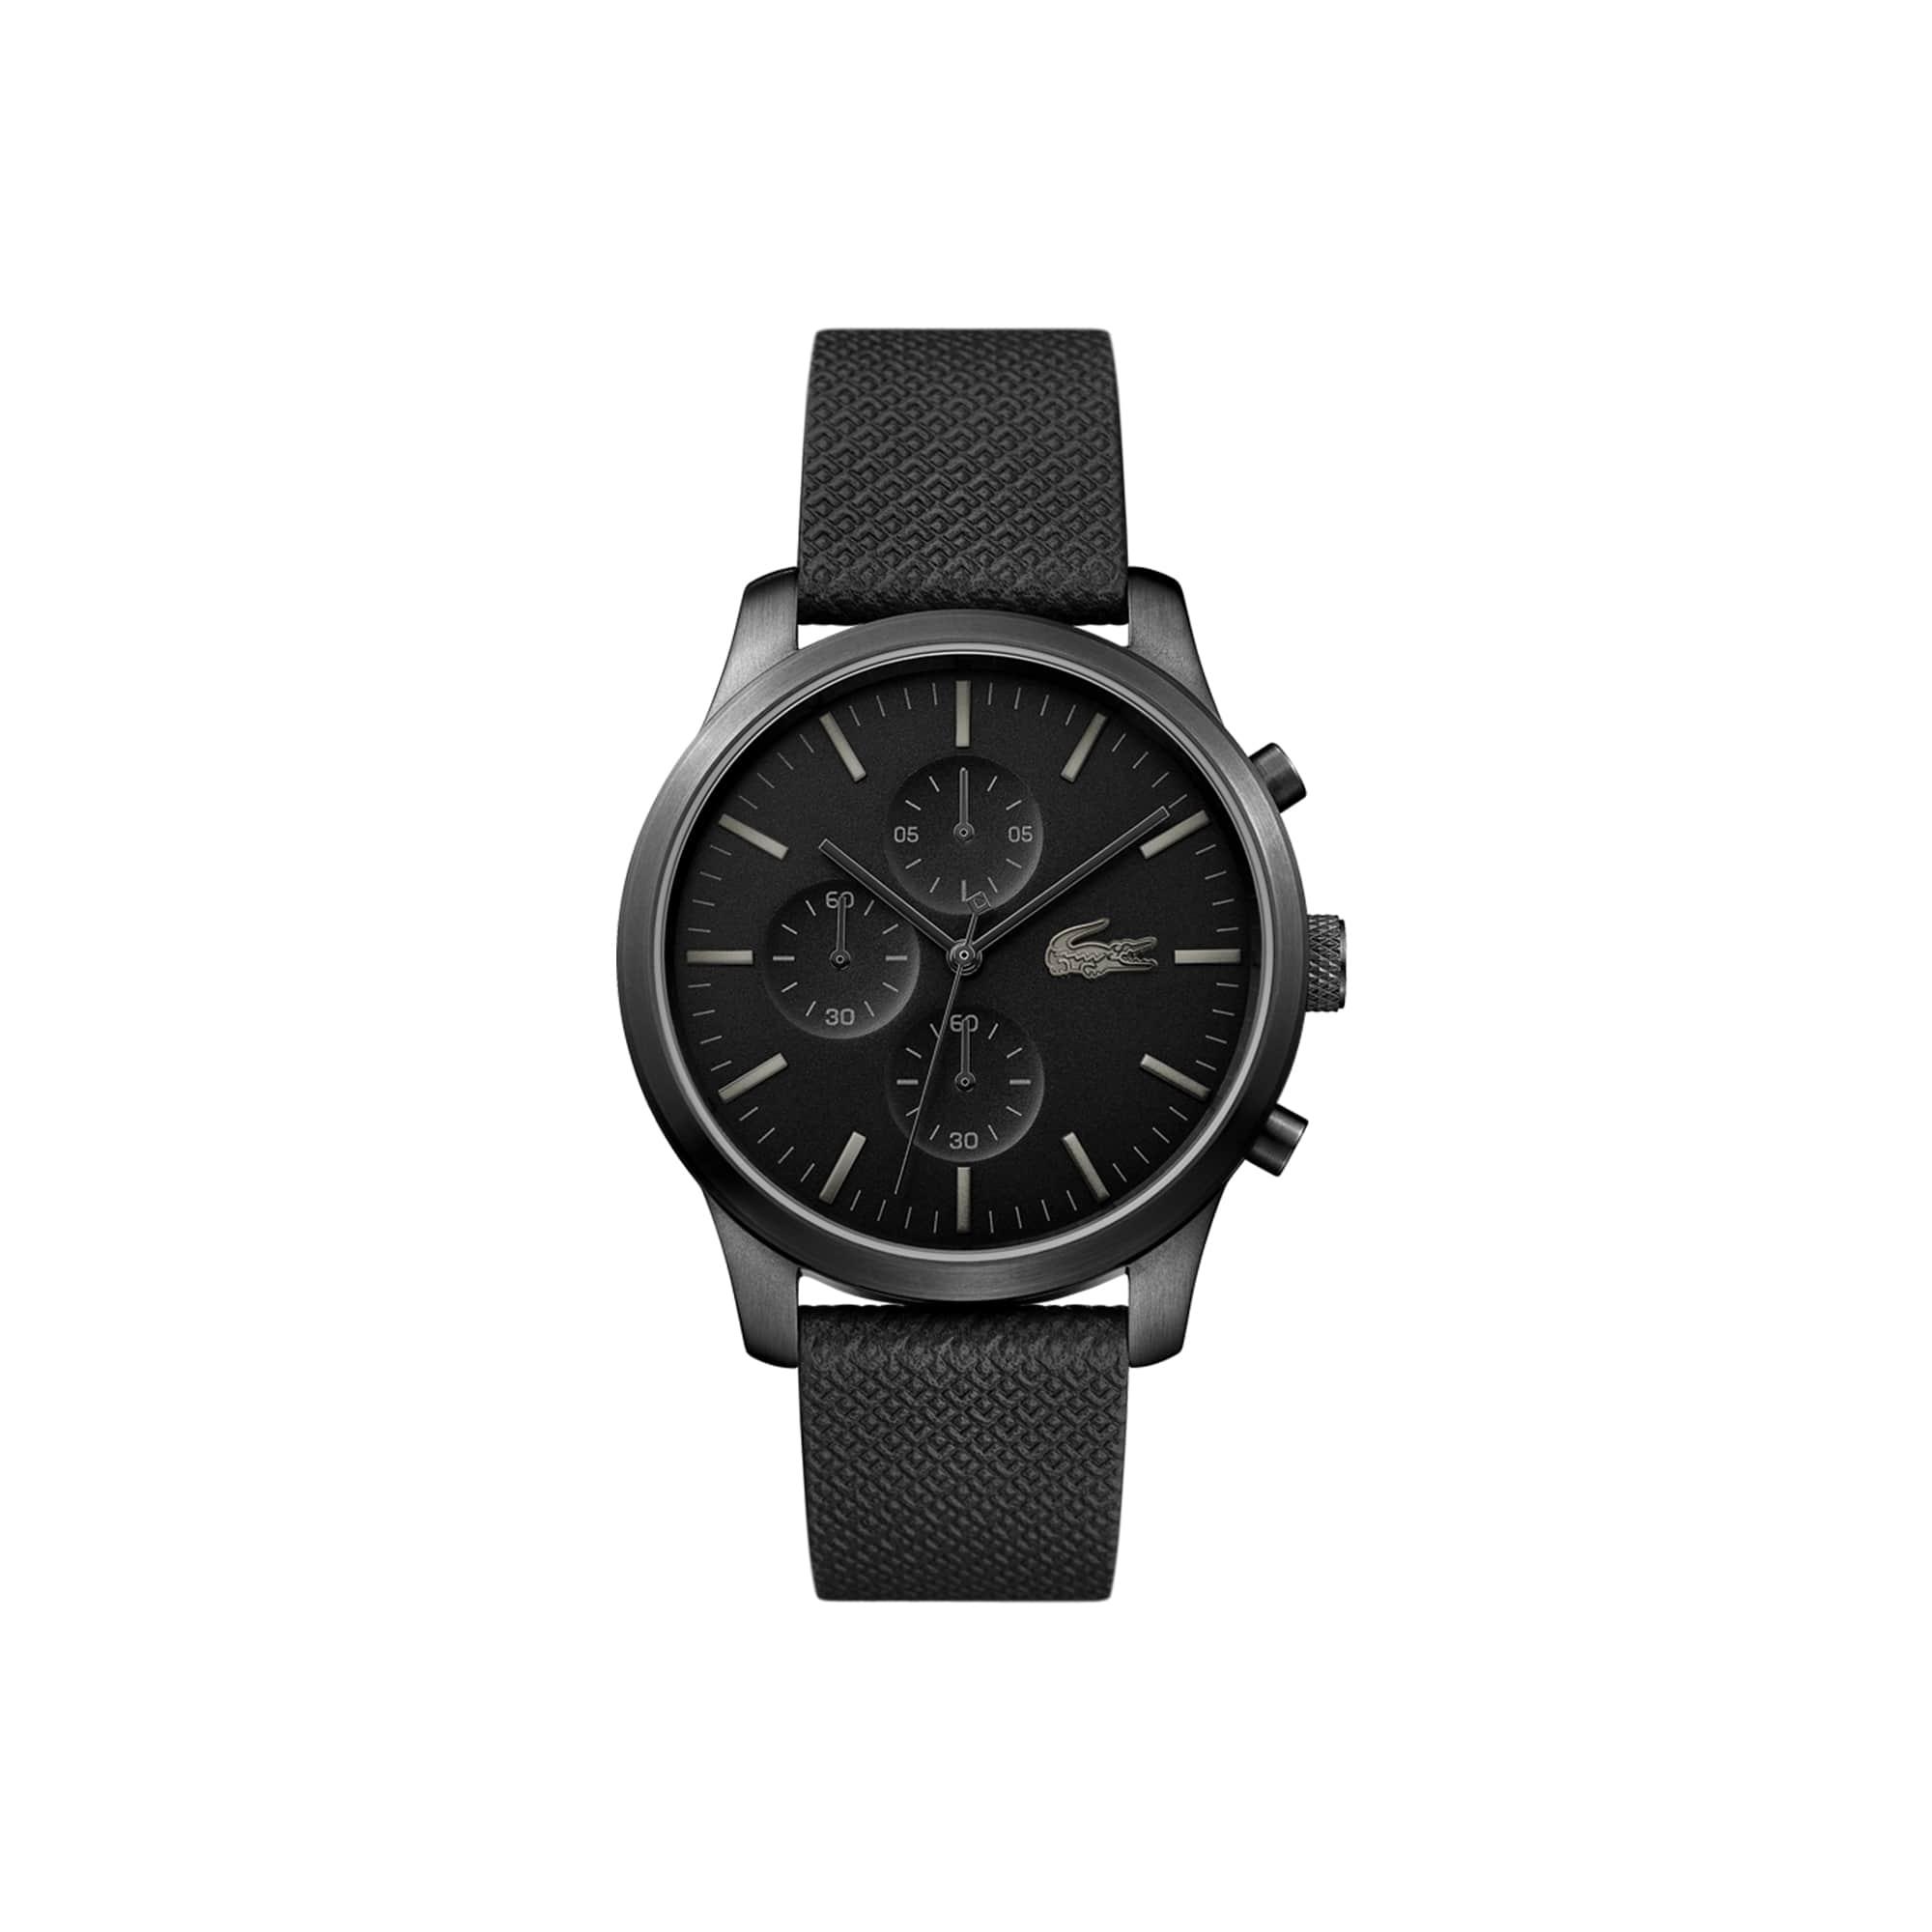 Reloj Lacoste 12.12 Edición 85 Aniversario, Con Pulsera De Piel Petit Piqué Negra En Relieve